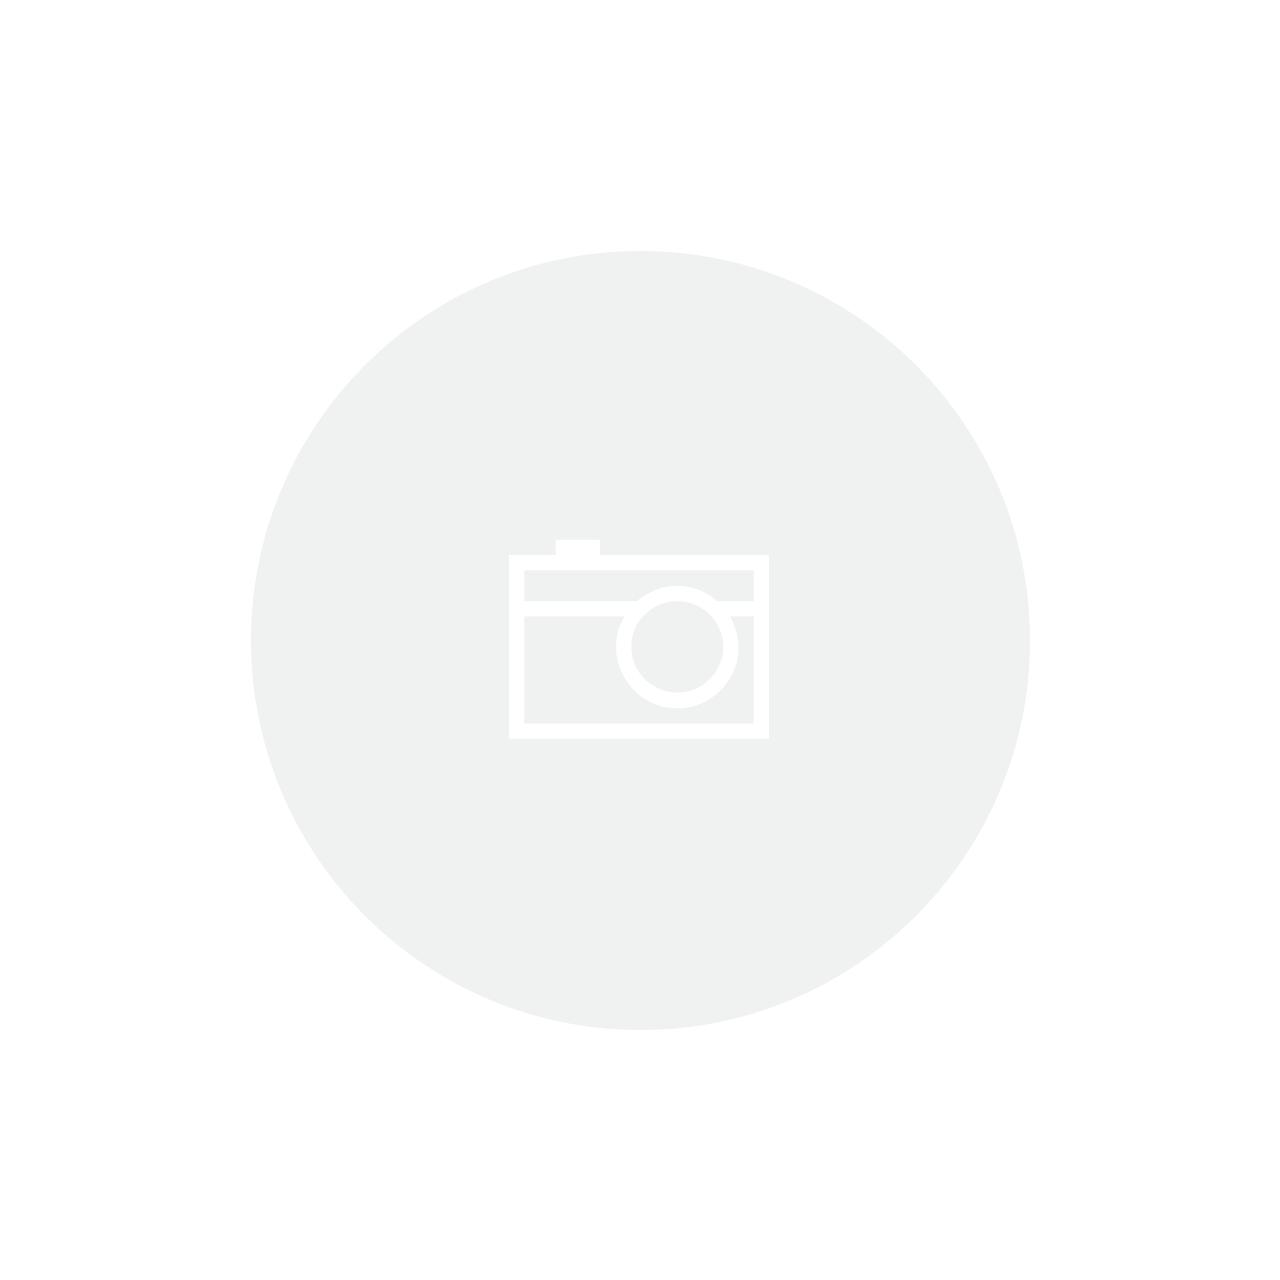 Casa Madeira Suco de Uva Integral Tinto 250 mL